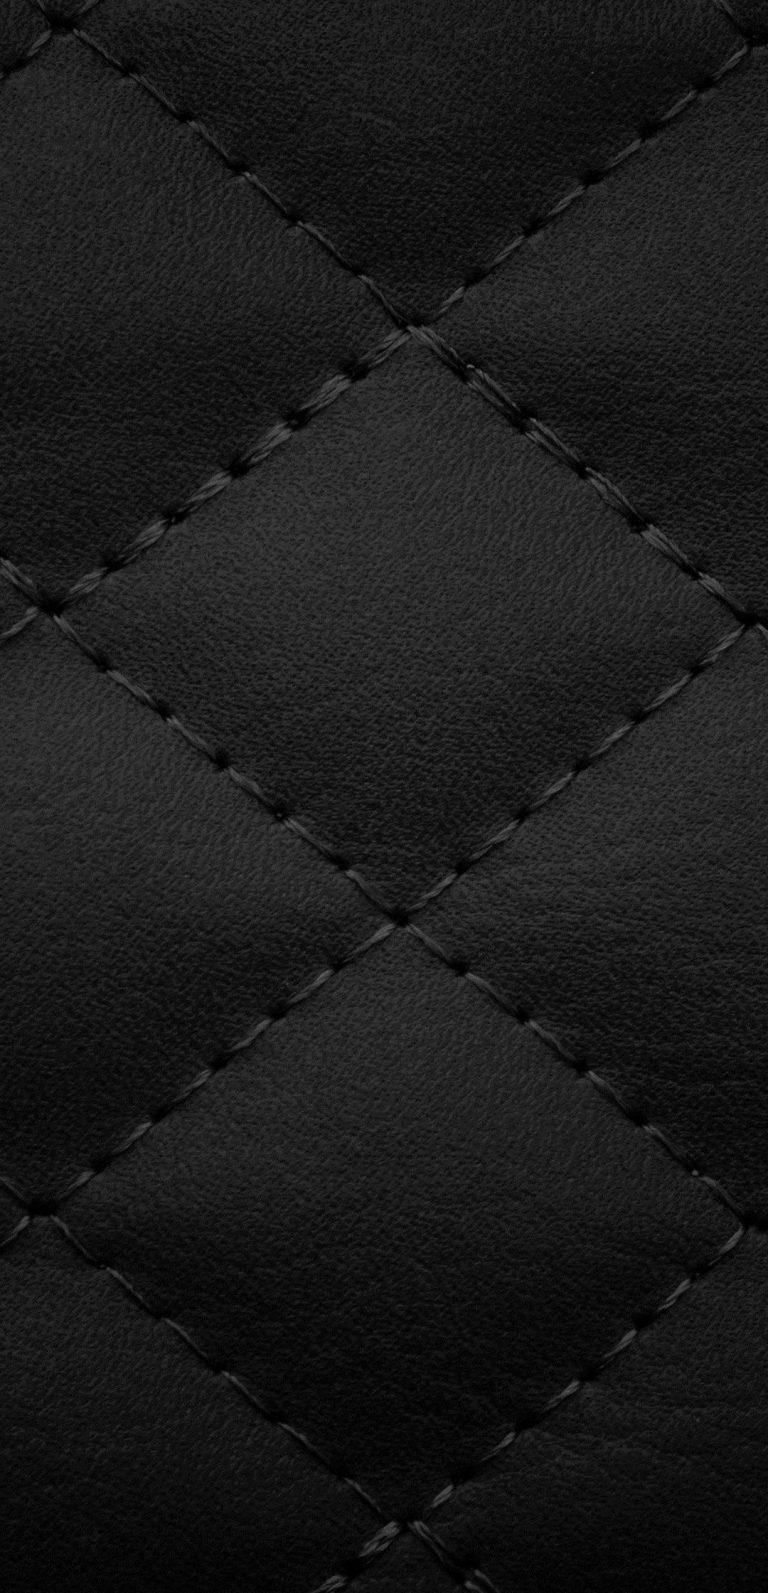 1080x2240 Wallpaper 019 768x1593